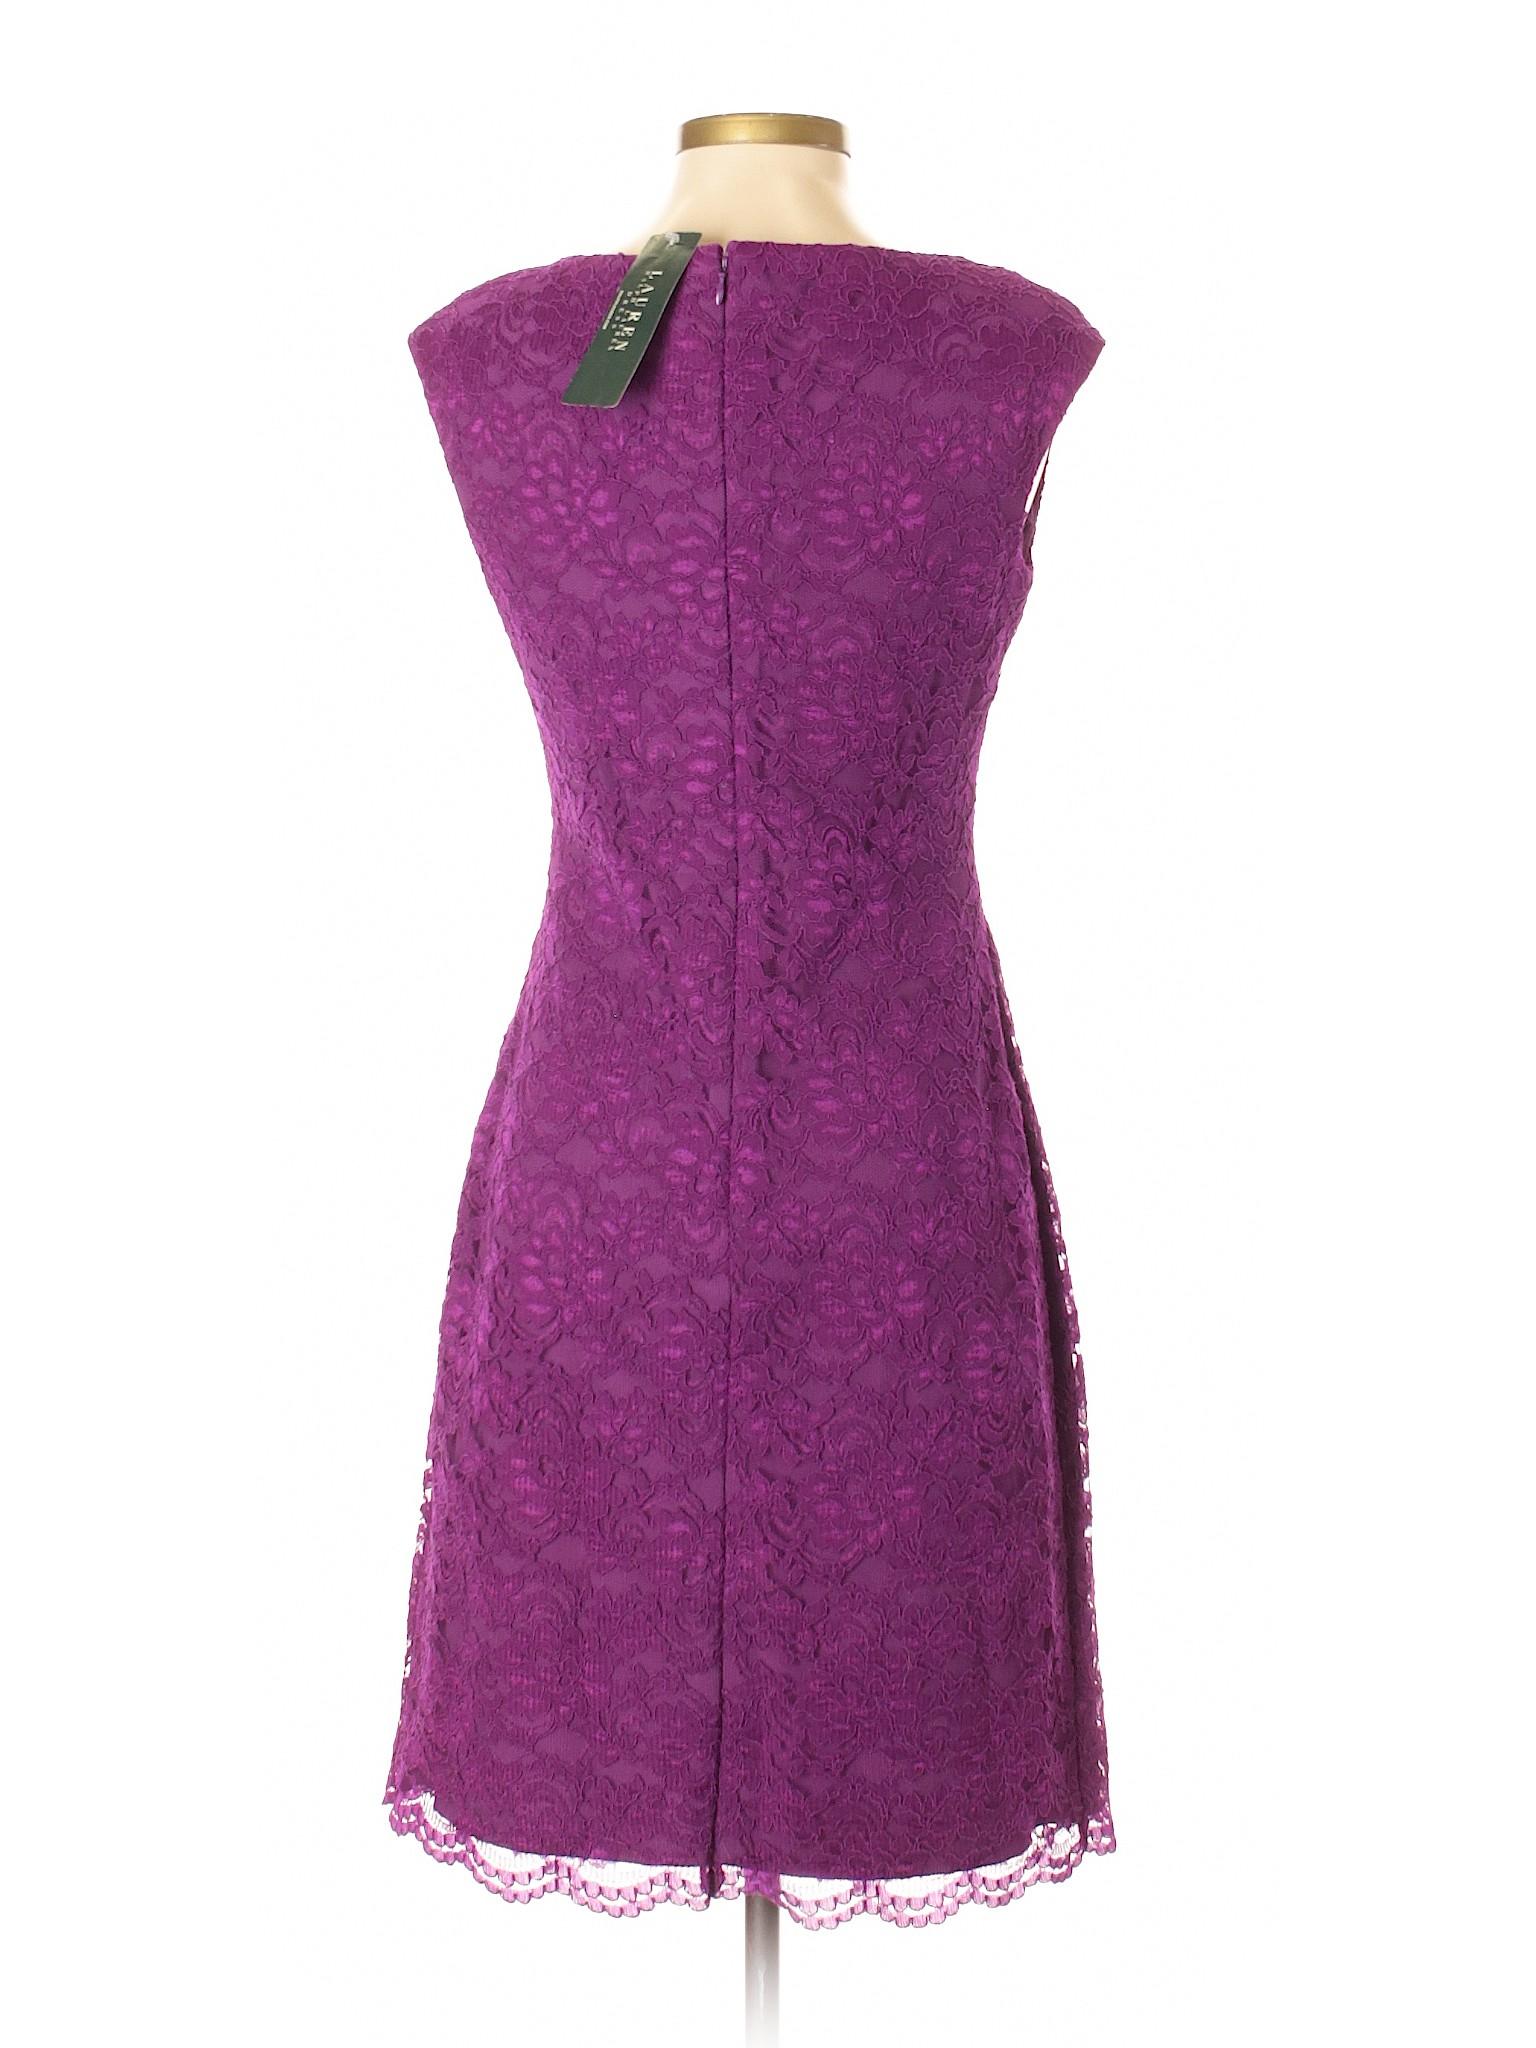 Lauren Lauren winter Dress Casual by Boutique Ralph FwfBgZzq